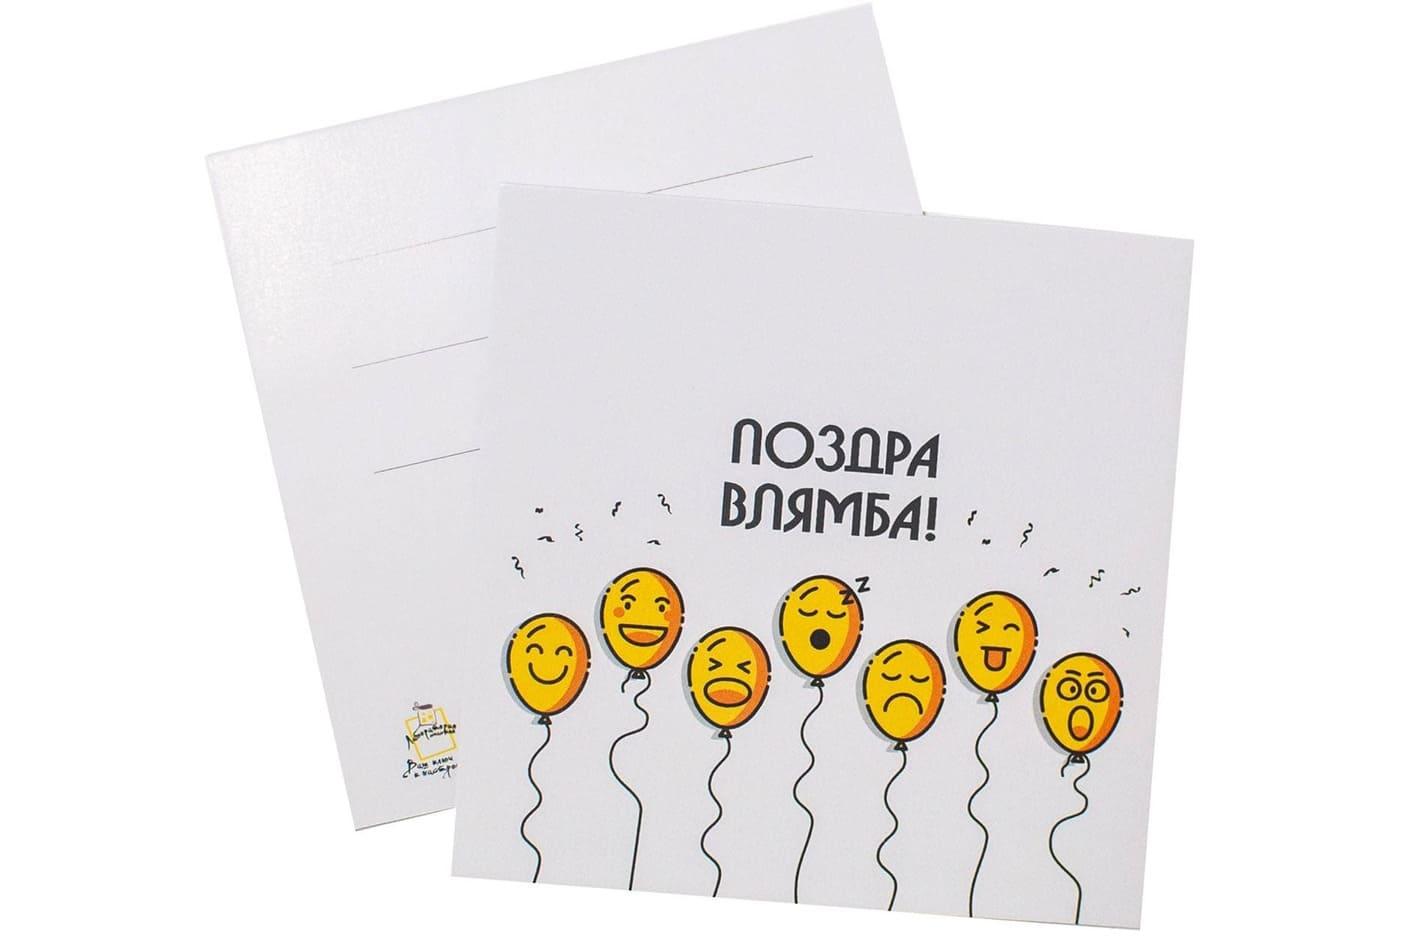 Мини открытка- Поздравлямба